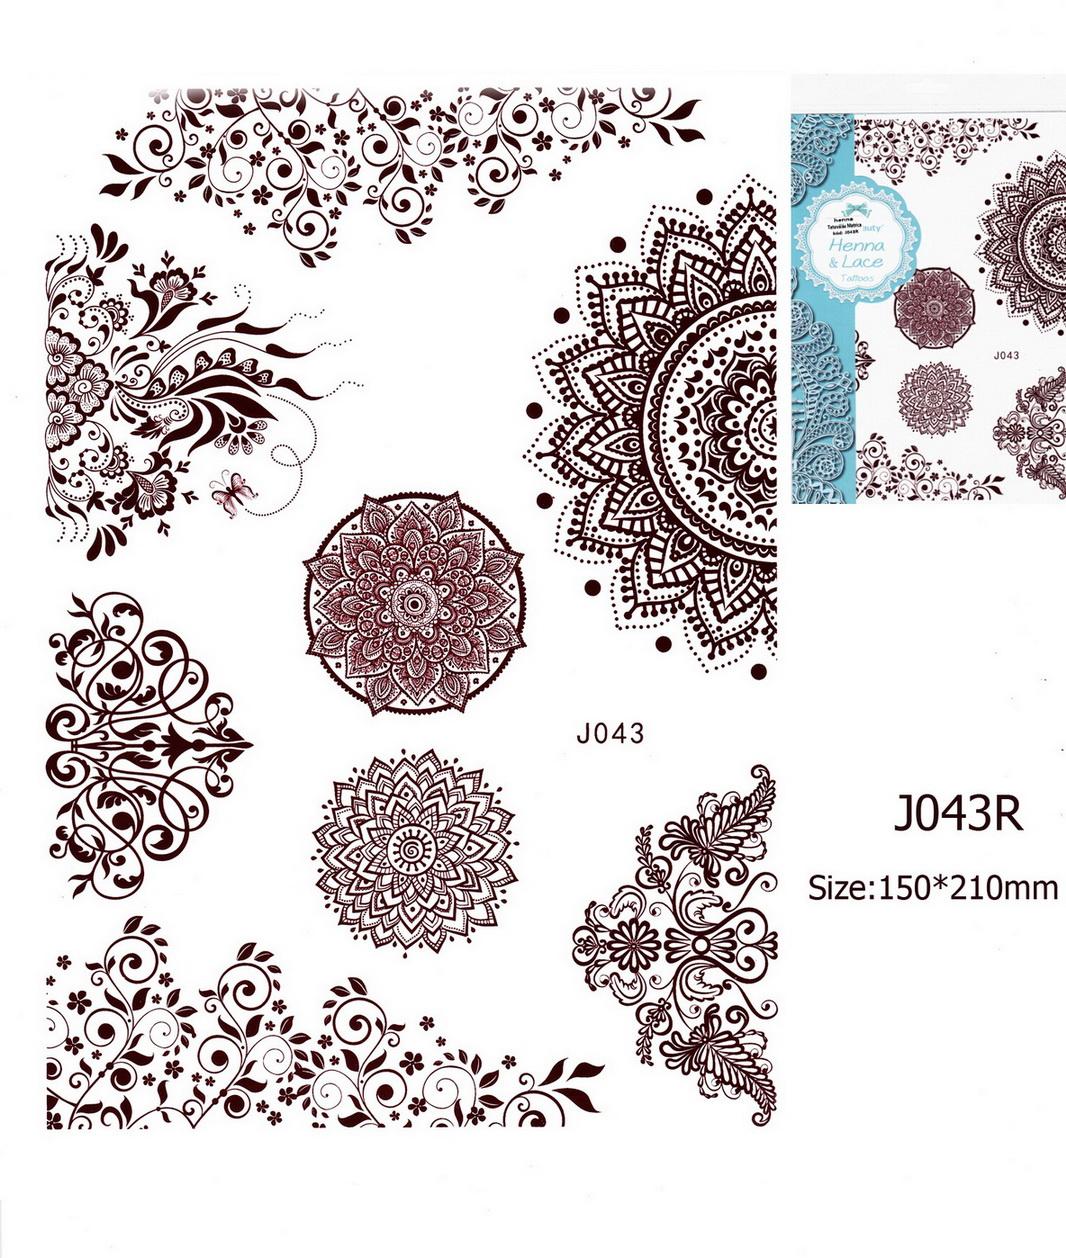 Henna tetoválás matrica 15cmX21cm J043R